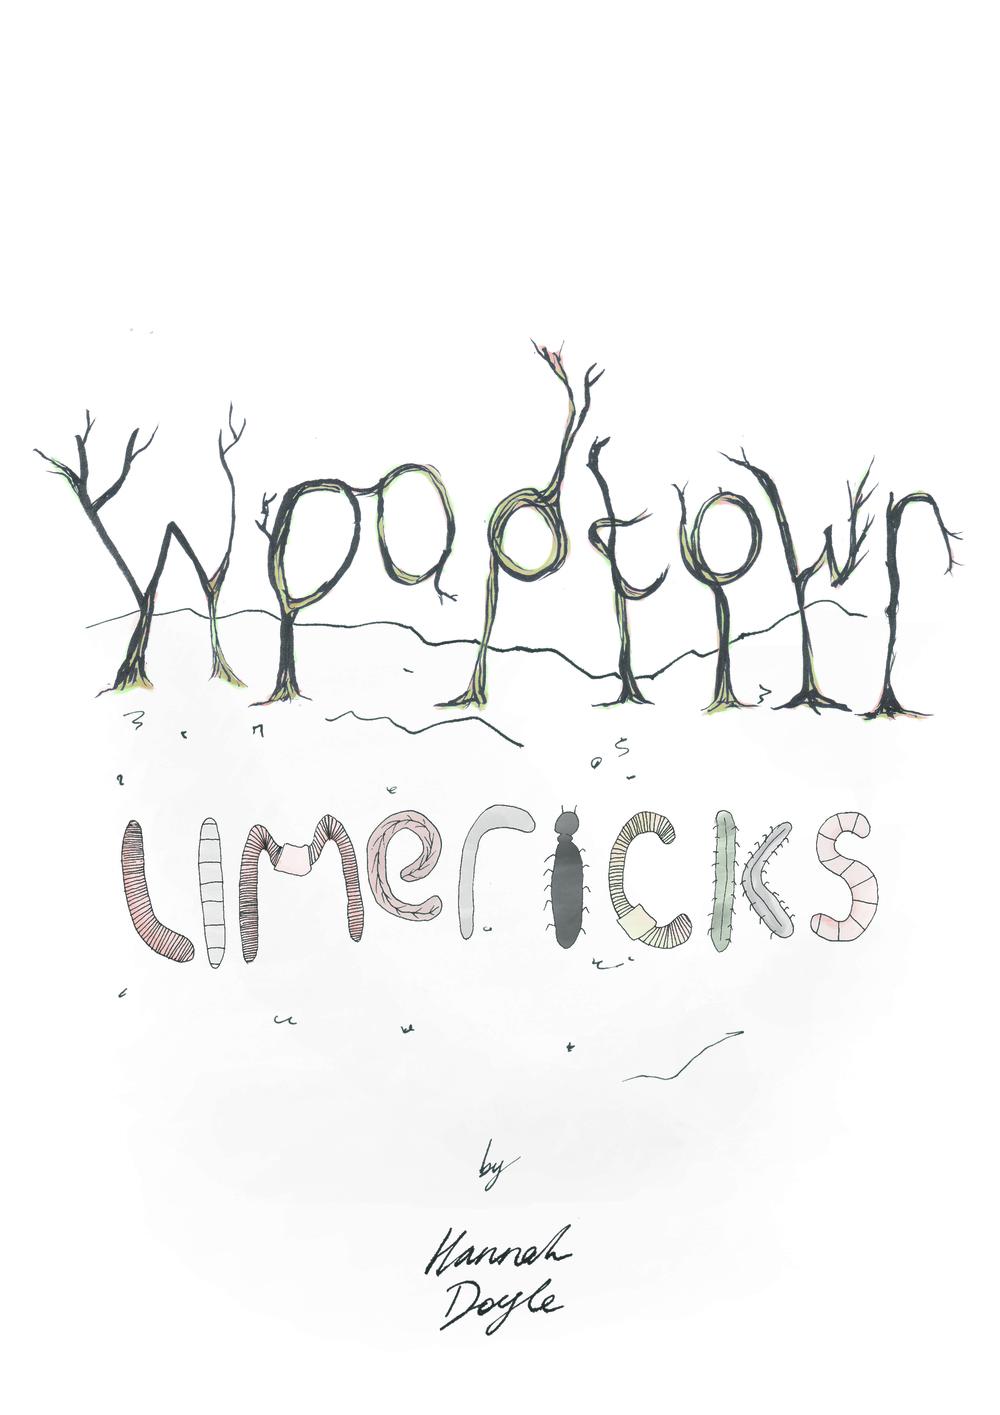 1-Woodtown.jpg